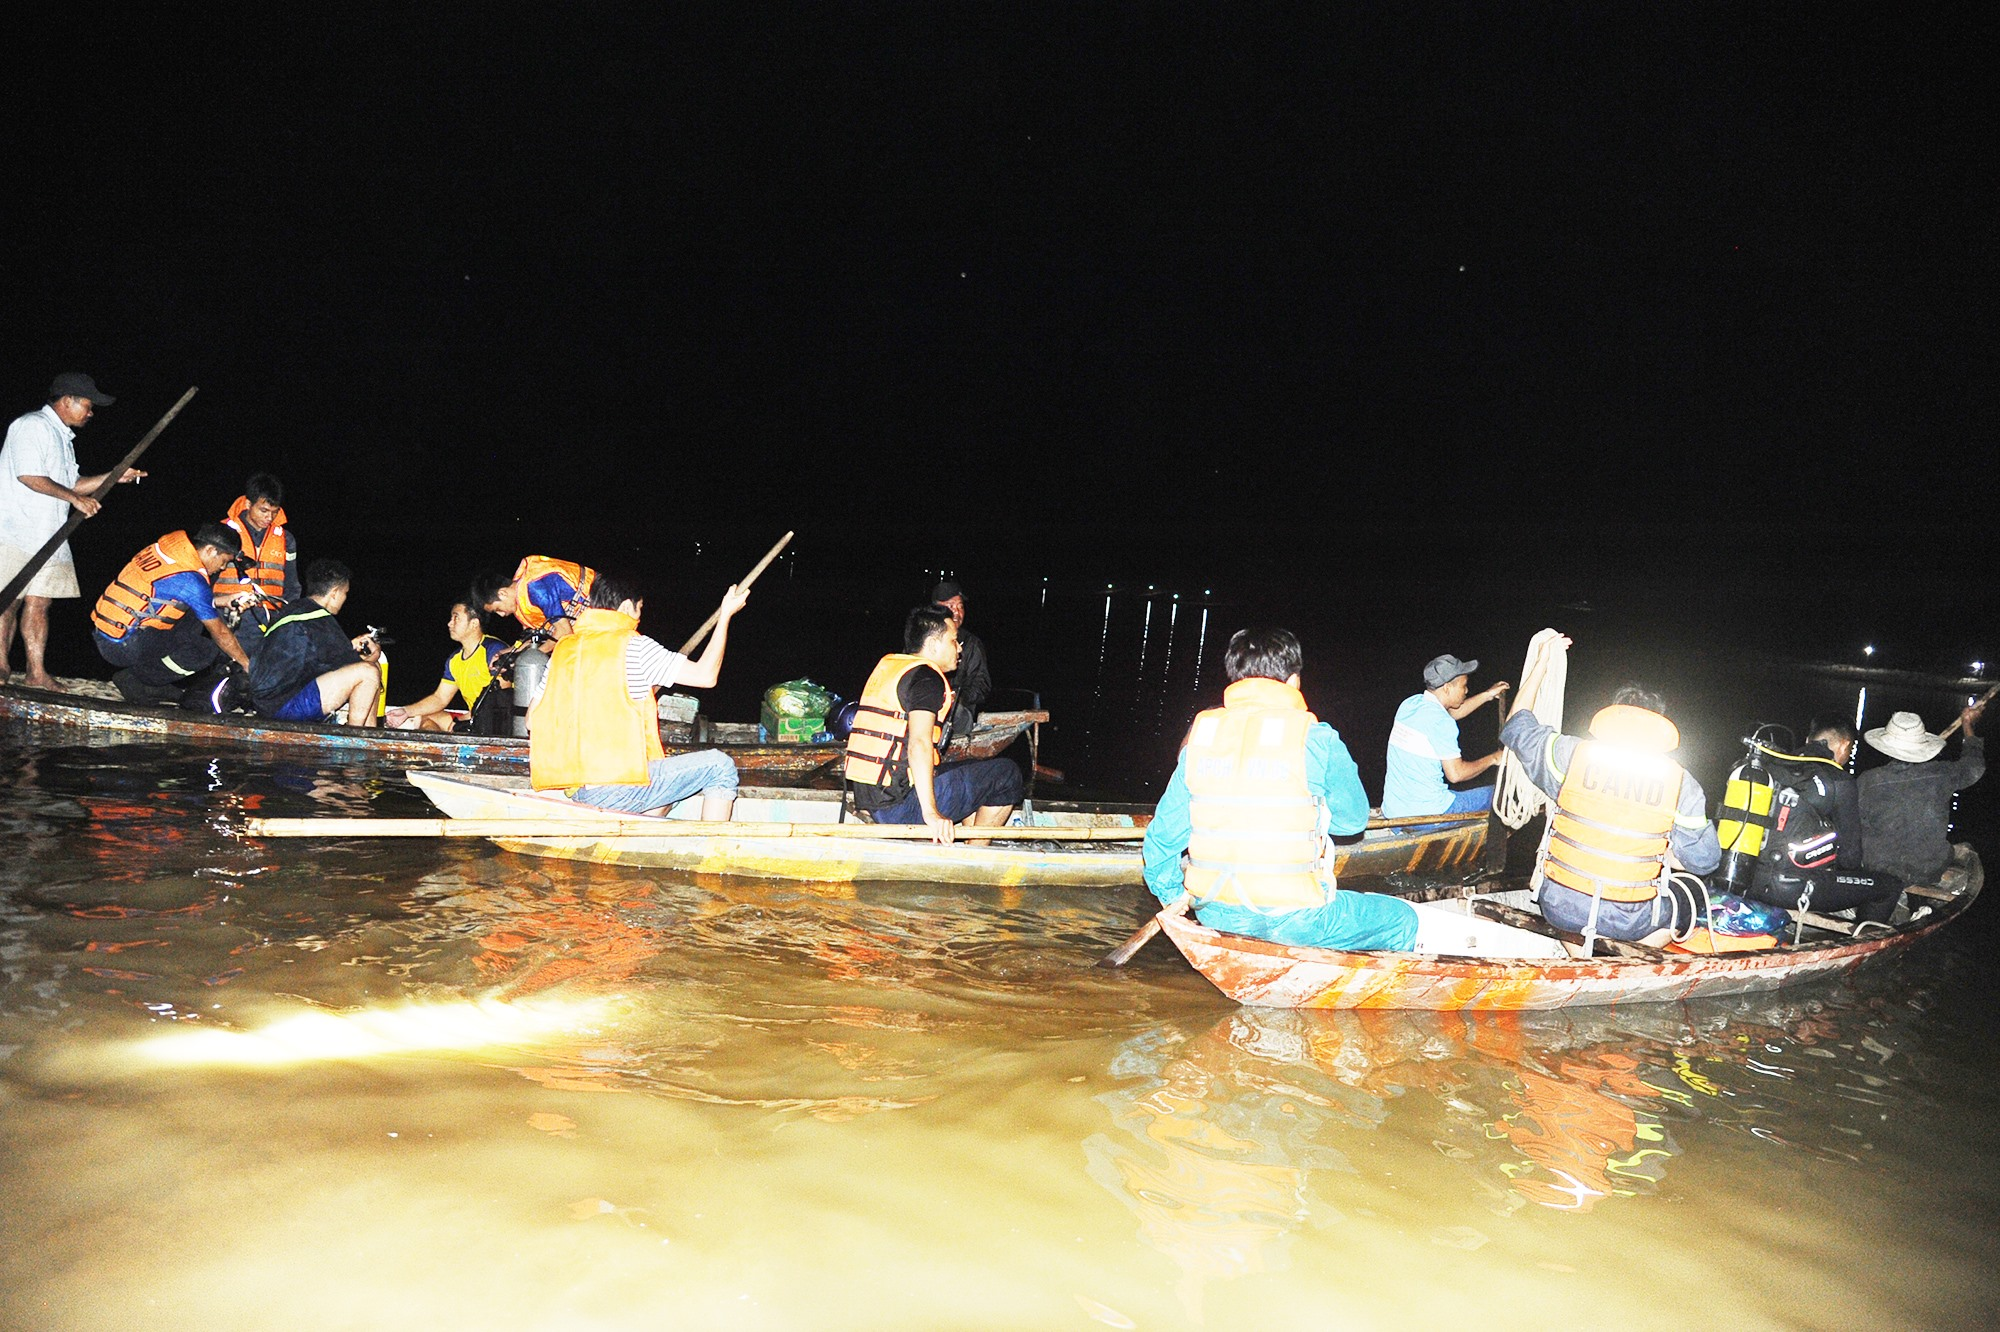 Các lực lượng cứu hộ tìm kiếm thi thể nạn nhân vụ chìm ghe trên sông Vu Gia qua Đại Lộc.Ảnh: C.T